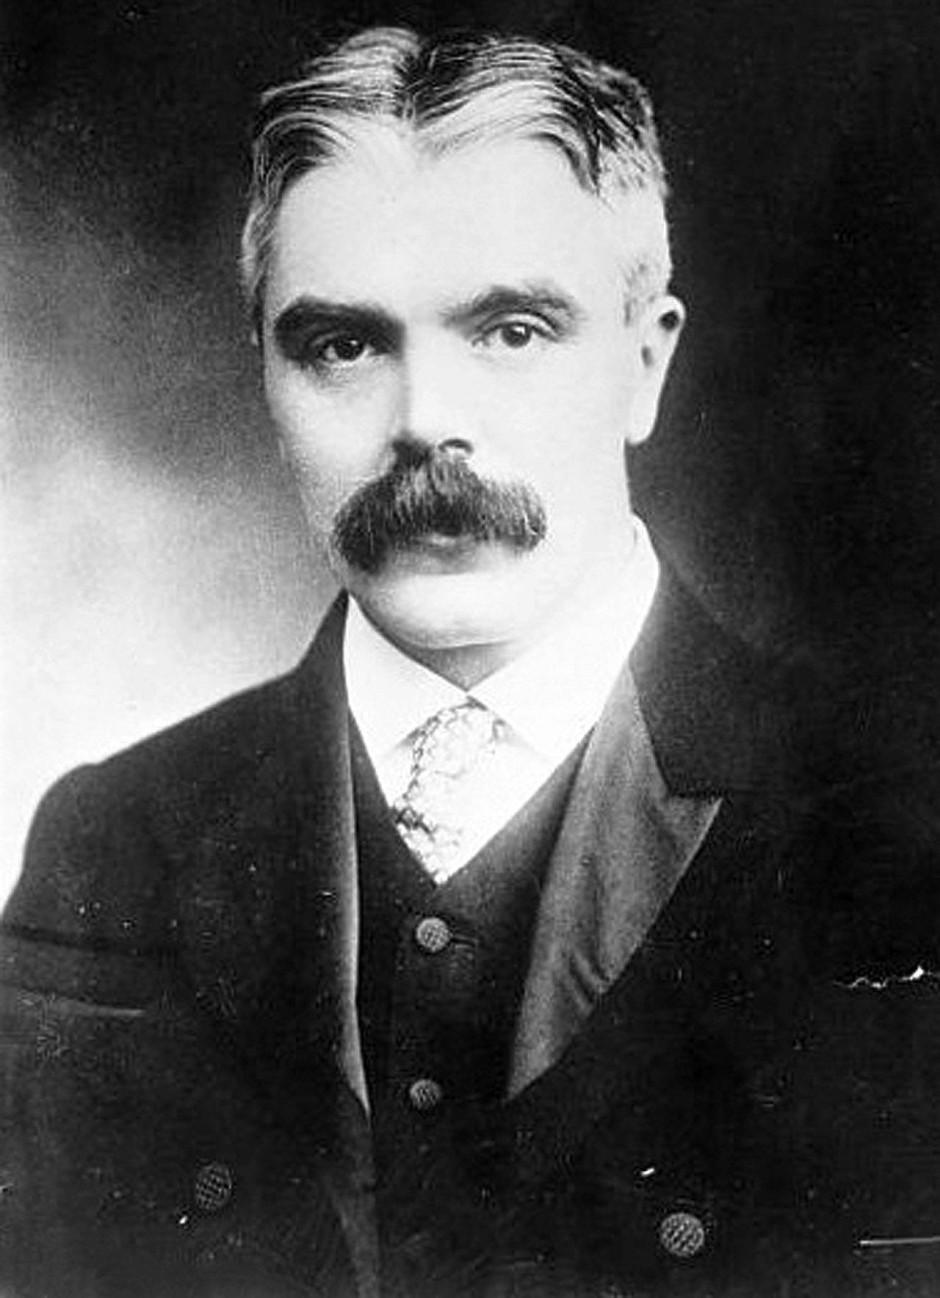 Sir Frank Watson Dyson (1868 bis 1939) analysierte die in Brasilien gemachten Aufnahmen der Finsternis – wie viele Astronomen damals sah er EinsteinsRelativitätstheorie zunächst skeptisch.